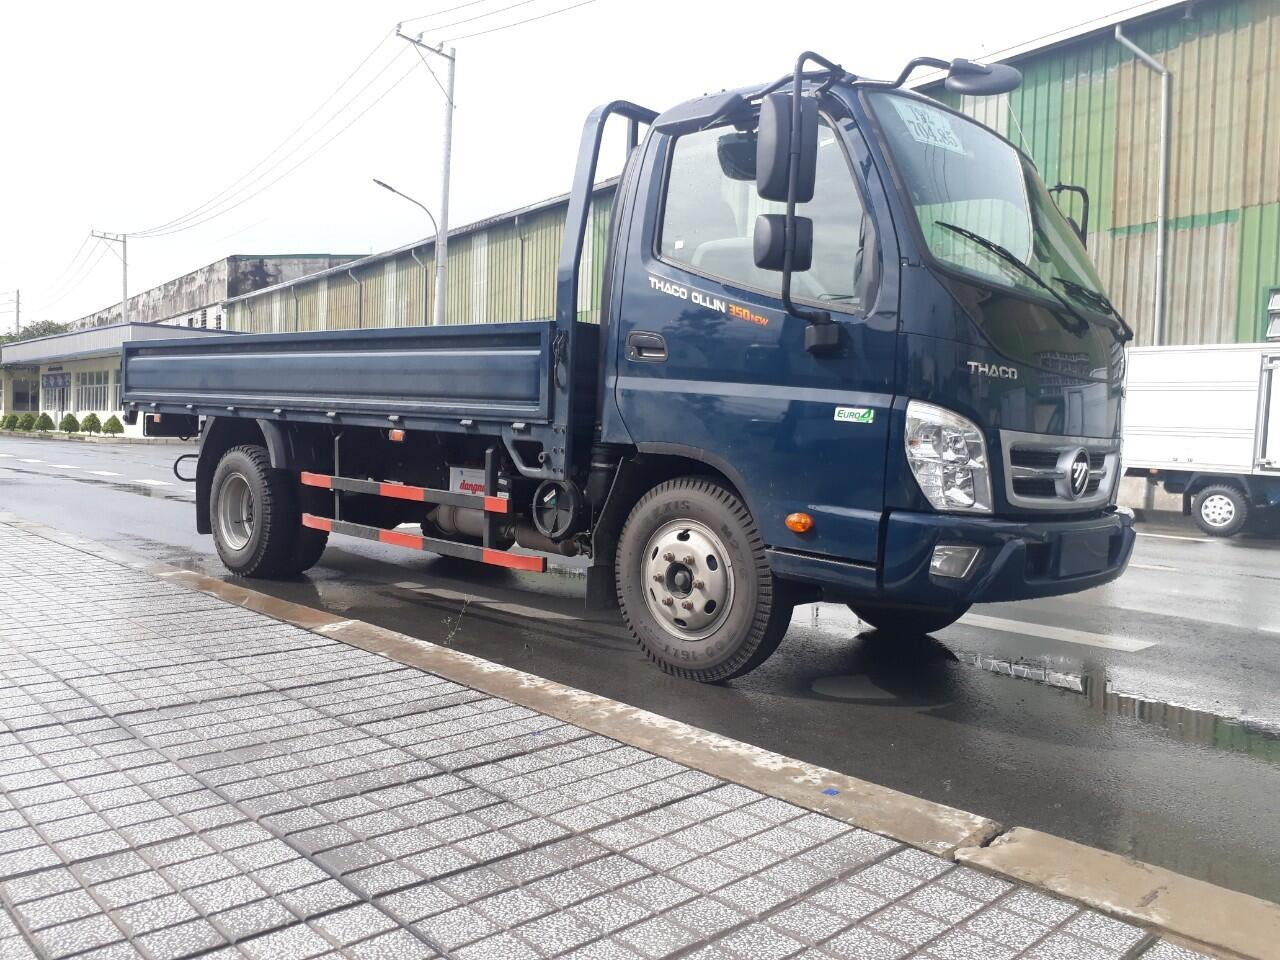 Xe tải Thaco Ollin 500 - Thùng lửng - Tải 4,99 tấn